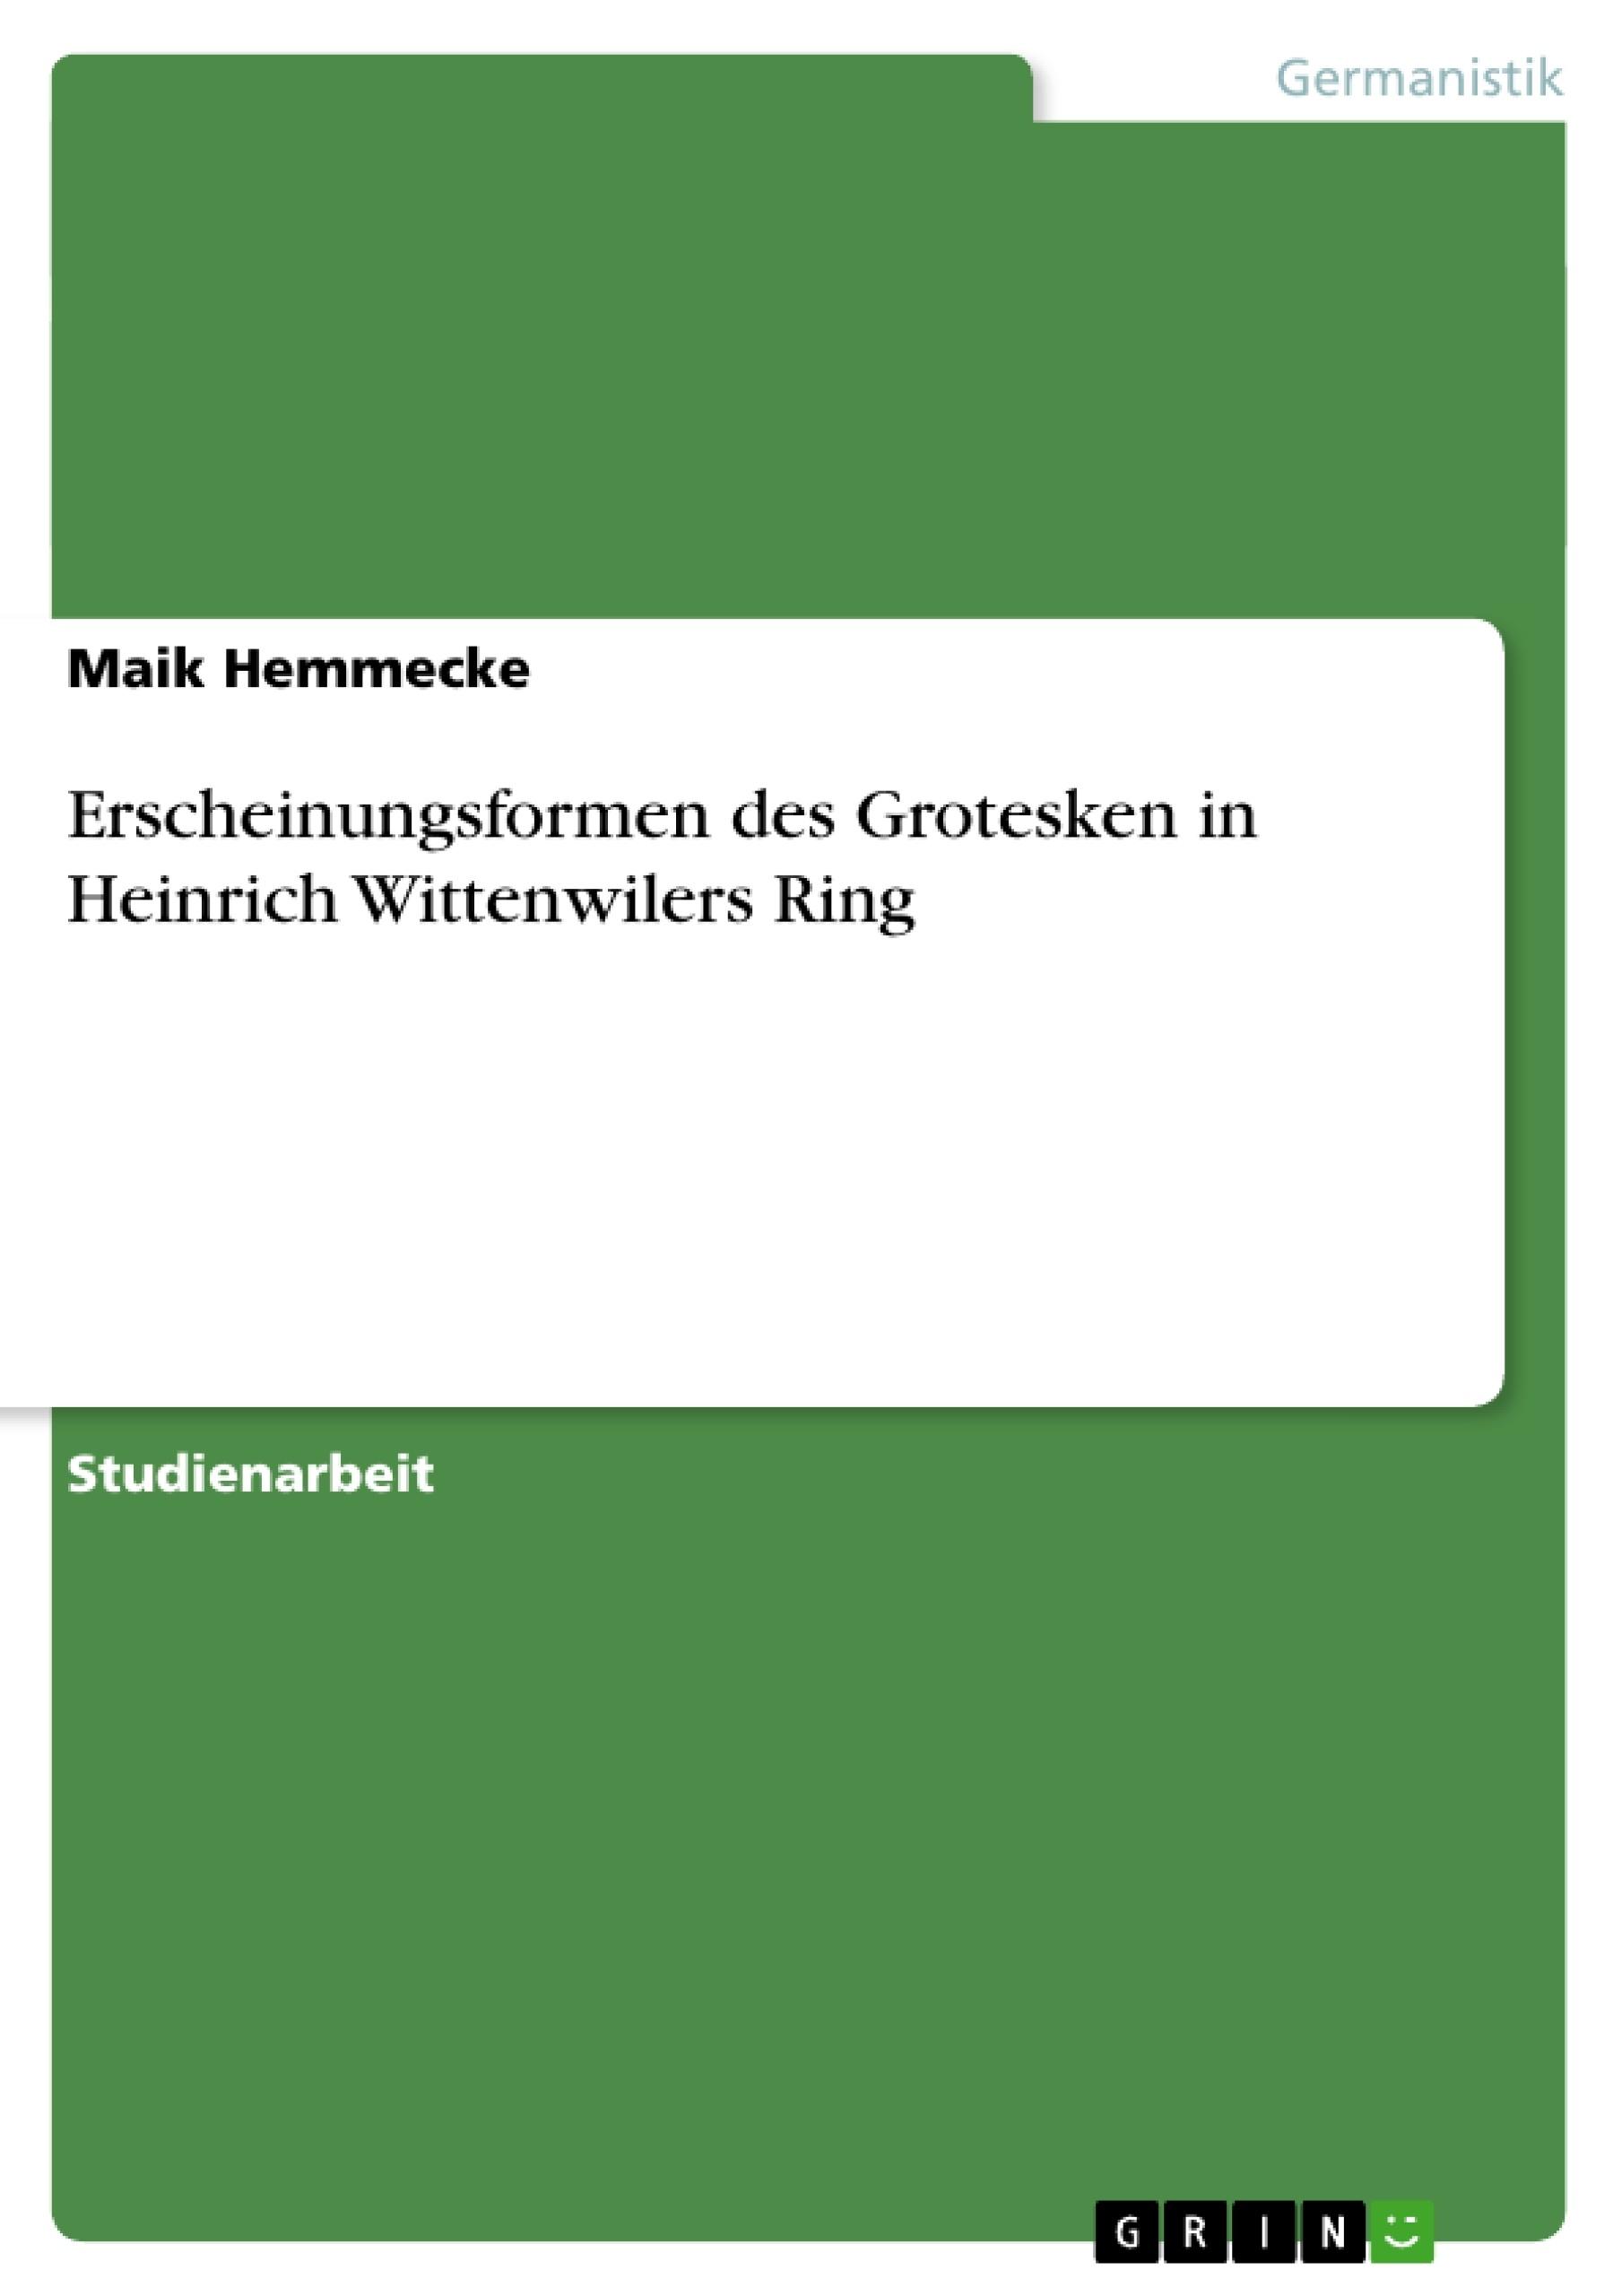 Titel: Erscheinungsformen des Grotesken in Heinrich Wittenwilers Ring